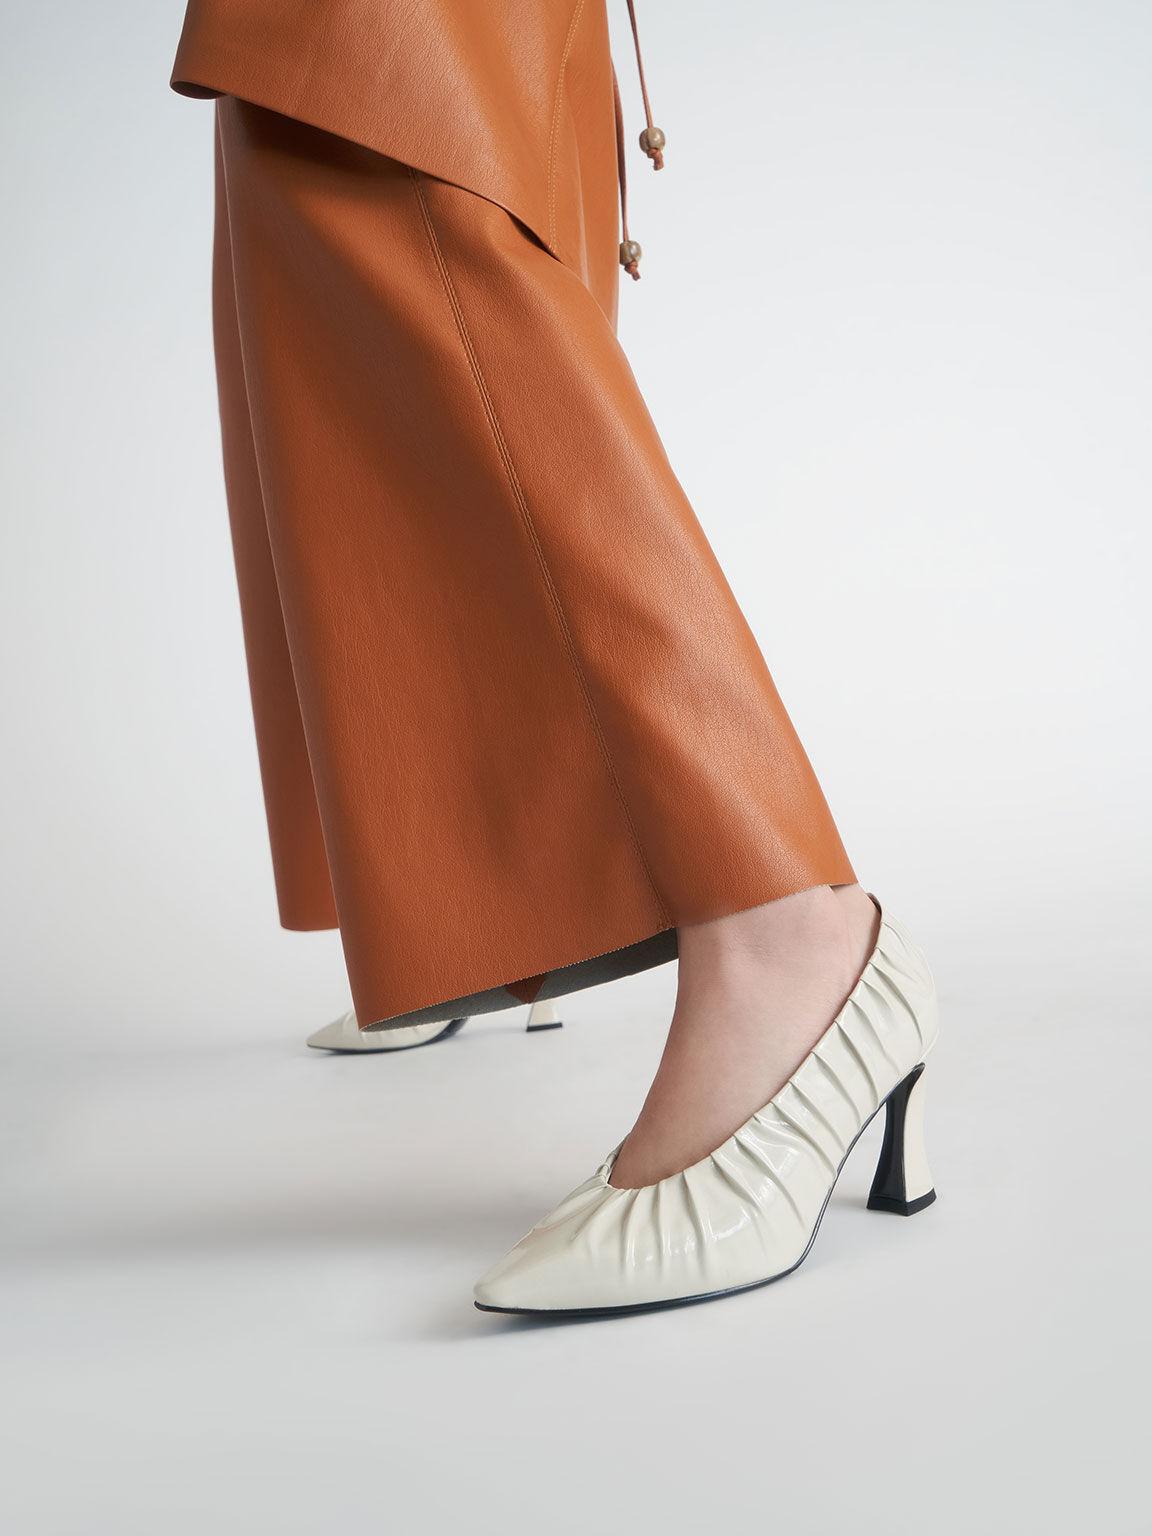 特別限定款:漆面皺褶尖頭跟鞋, 奶油色, hi-res